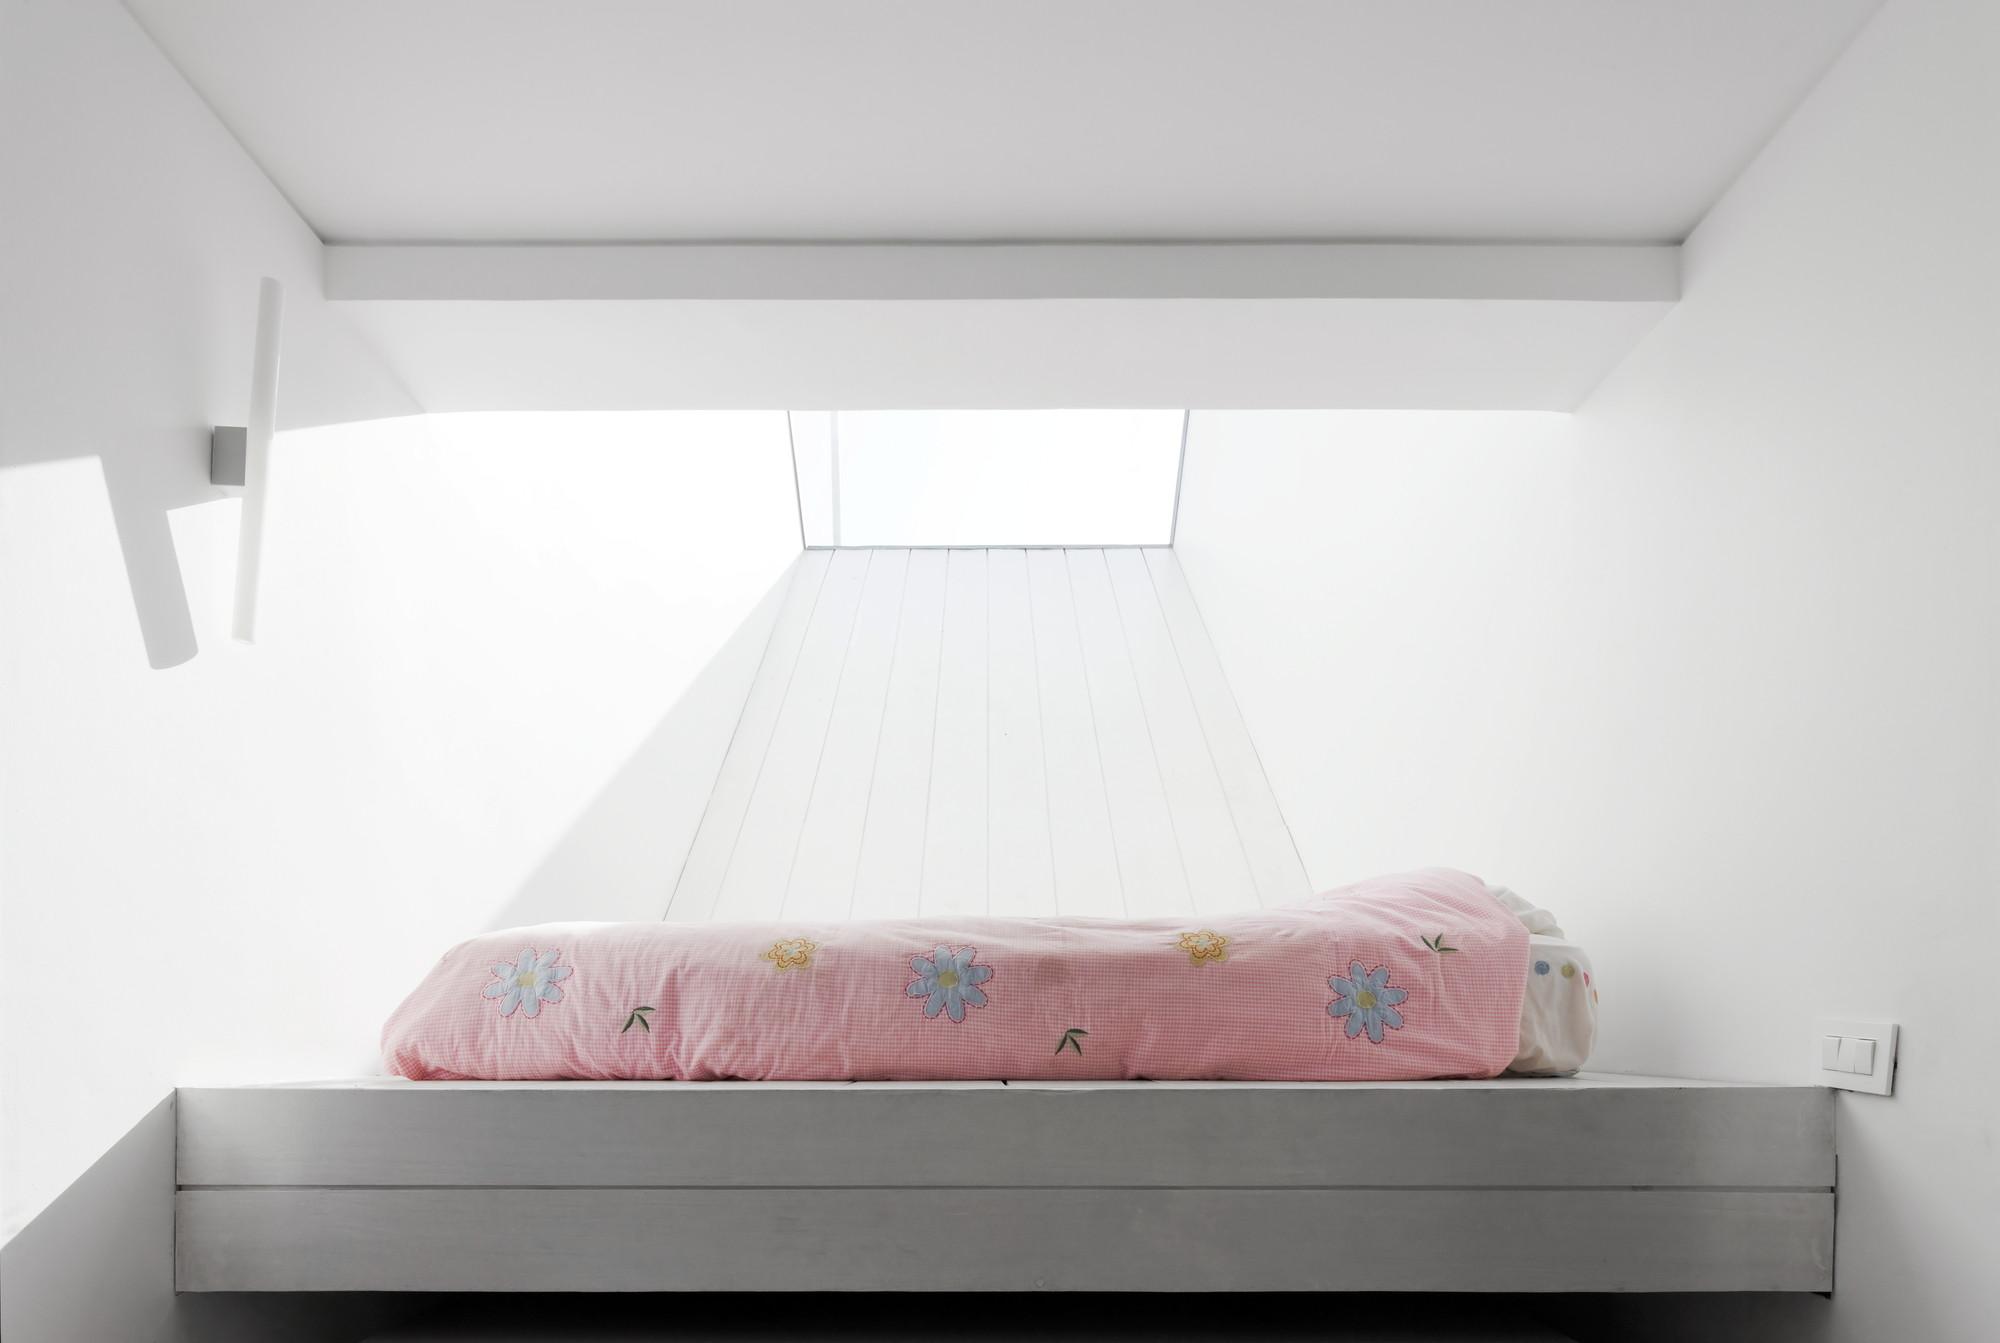 Dormitorios arquitectura y ejemplos de dise o for Ejemplo de dormitorio deco